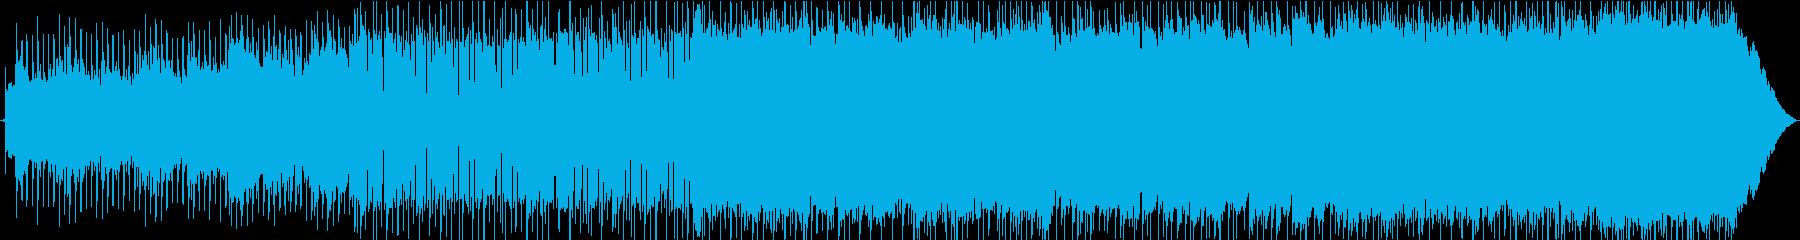 爽やかなポップロックBGMの再生済みの波形